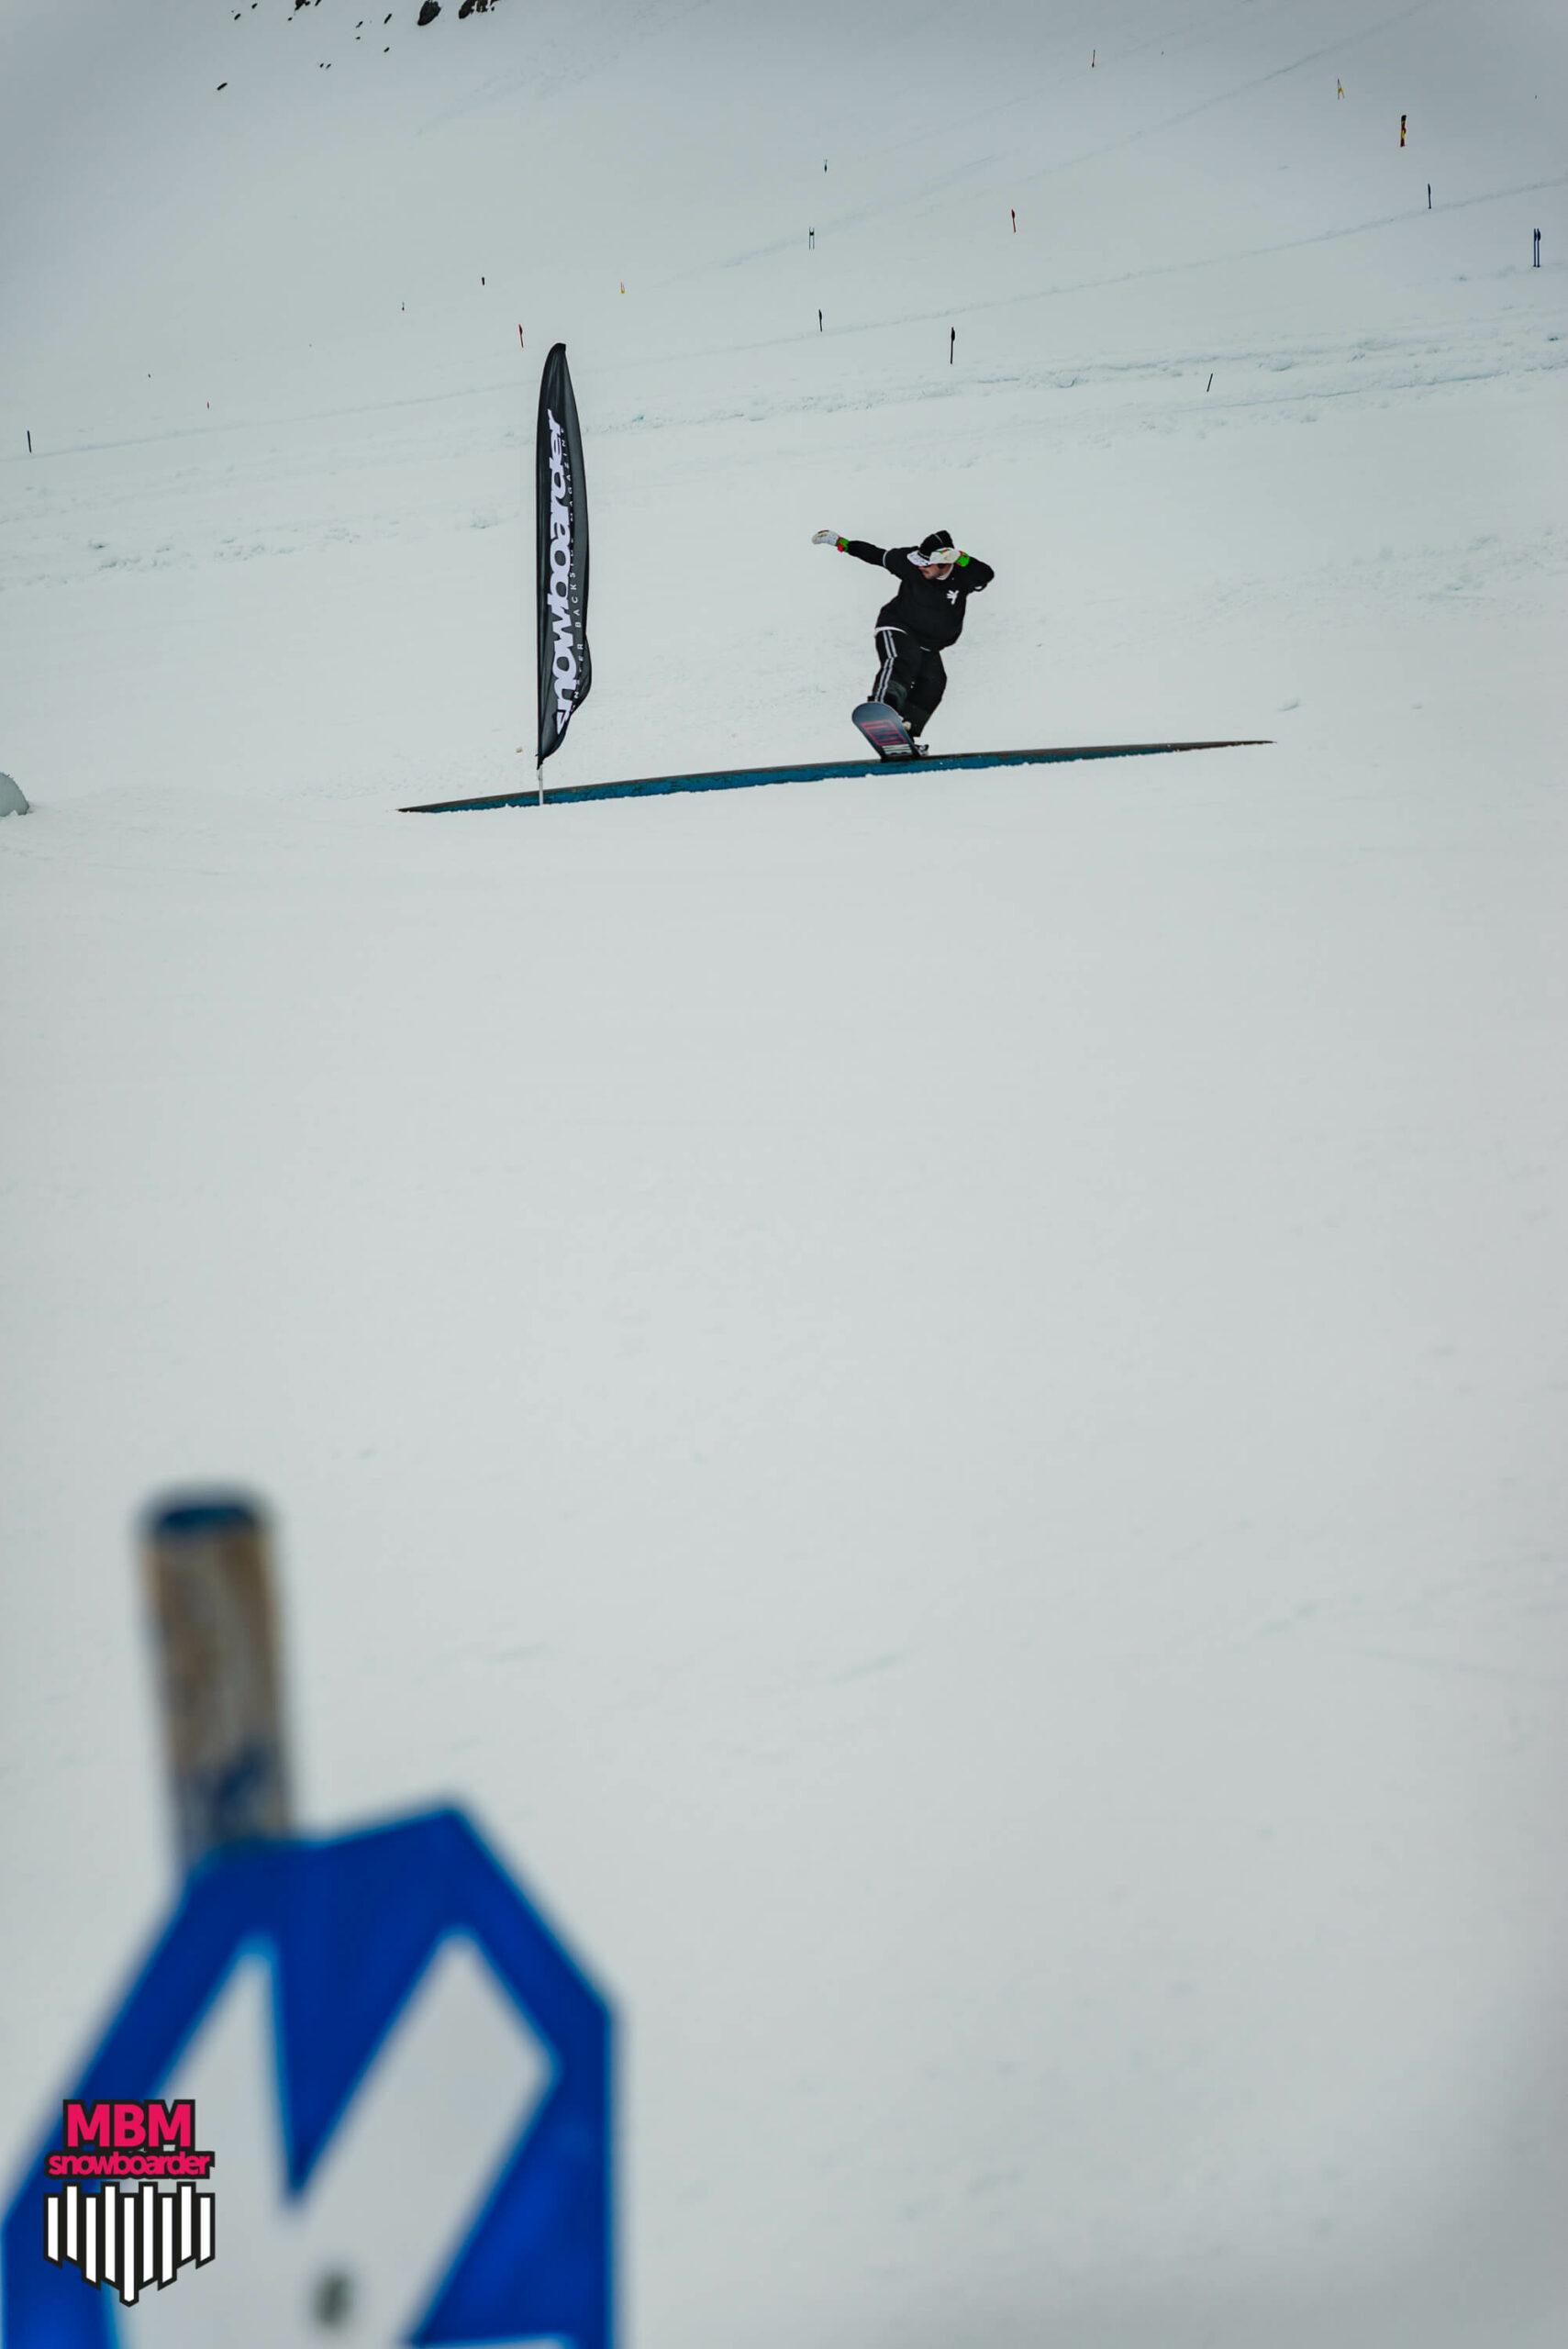 snowboarderMBM_sd_kaunertal_029